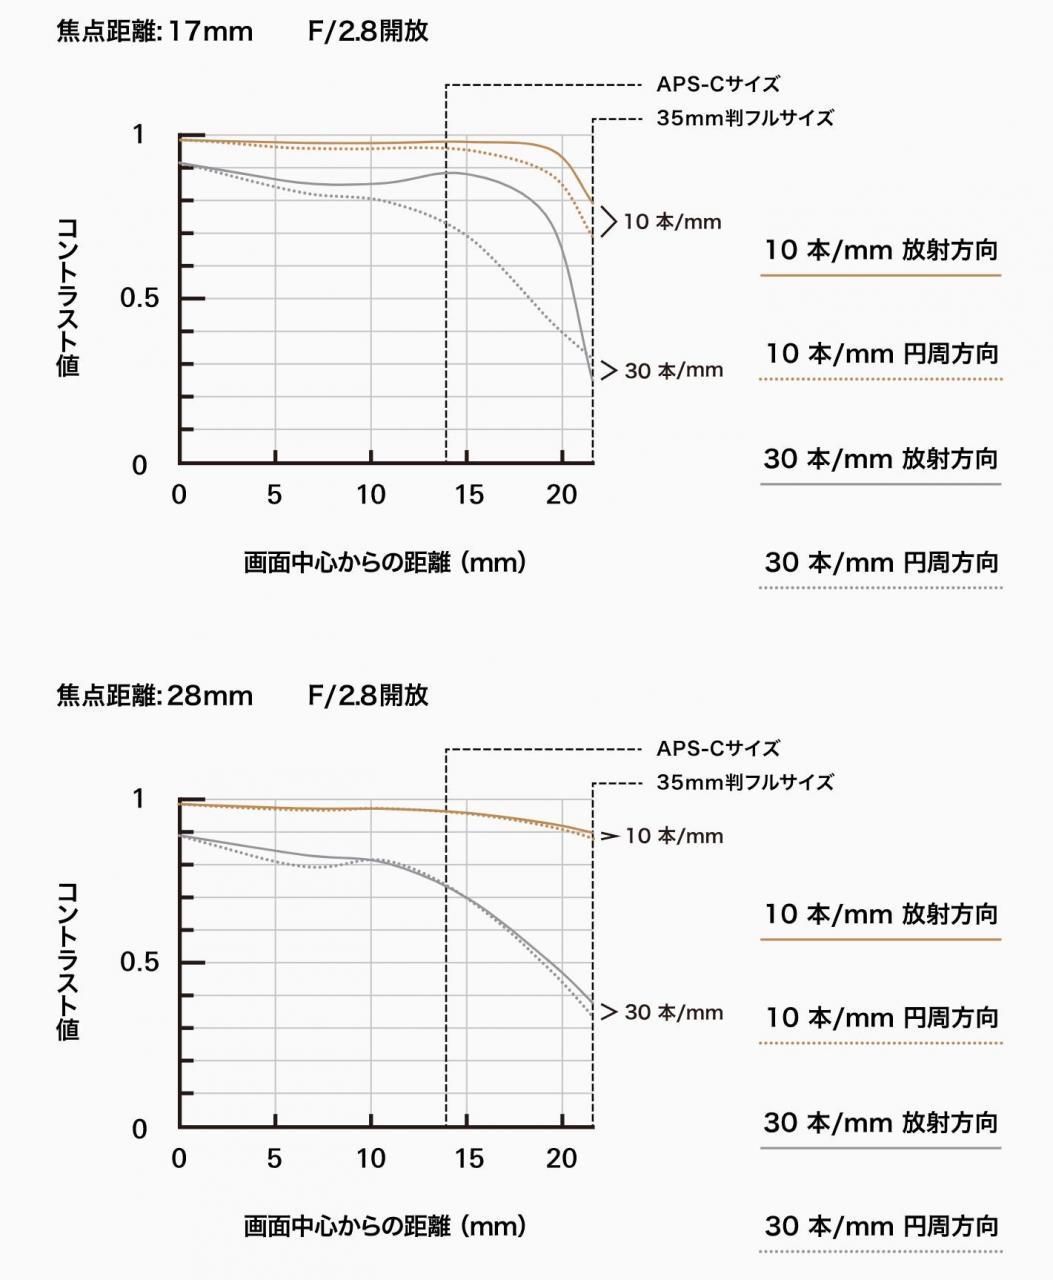 Đang tải mtf-chart-tamron 17-28.jpg…